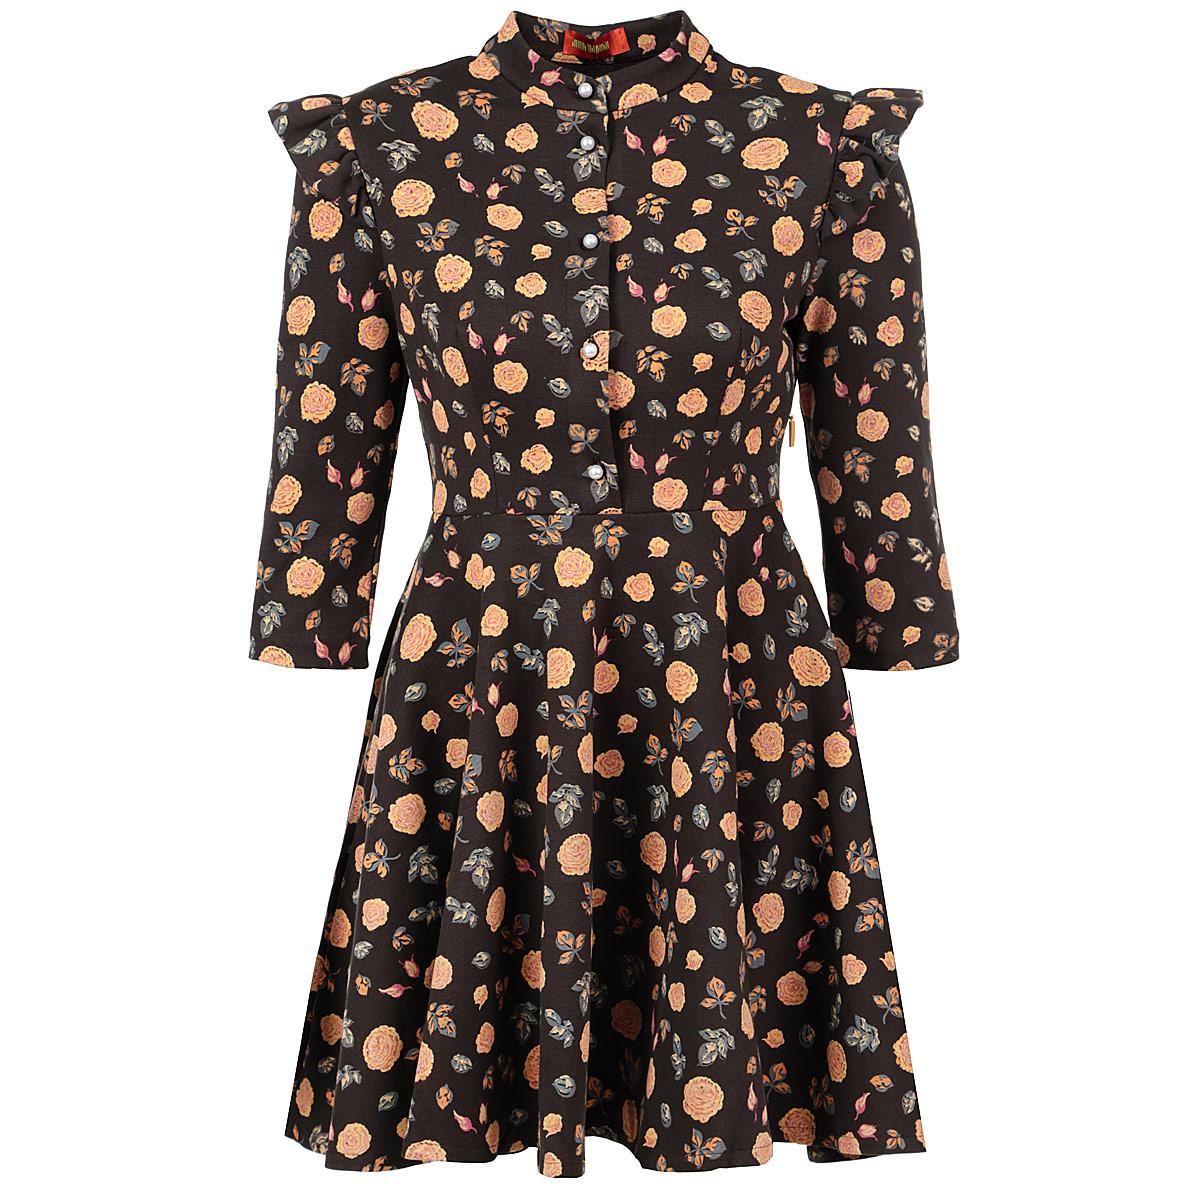 ПлатьеP63T-23Стильное платье от Анны Чапман выполнено из плотного хлопкового материала с цветочным принтом. Модель приталенного силуэта с воротником-стойкой, отрезной талией и рукавами до локтя. На груди платье застегивается на пуговицы. Сбоку предусмотрена потайная молния. Расклешенная юбка ложится объемными складками. Плечи оформлены декоративными крылышками. Модное платье органично впишется в ваш гардероб. Оно поможет создать женственный образ, который, несомненно, оценят окружающие.